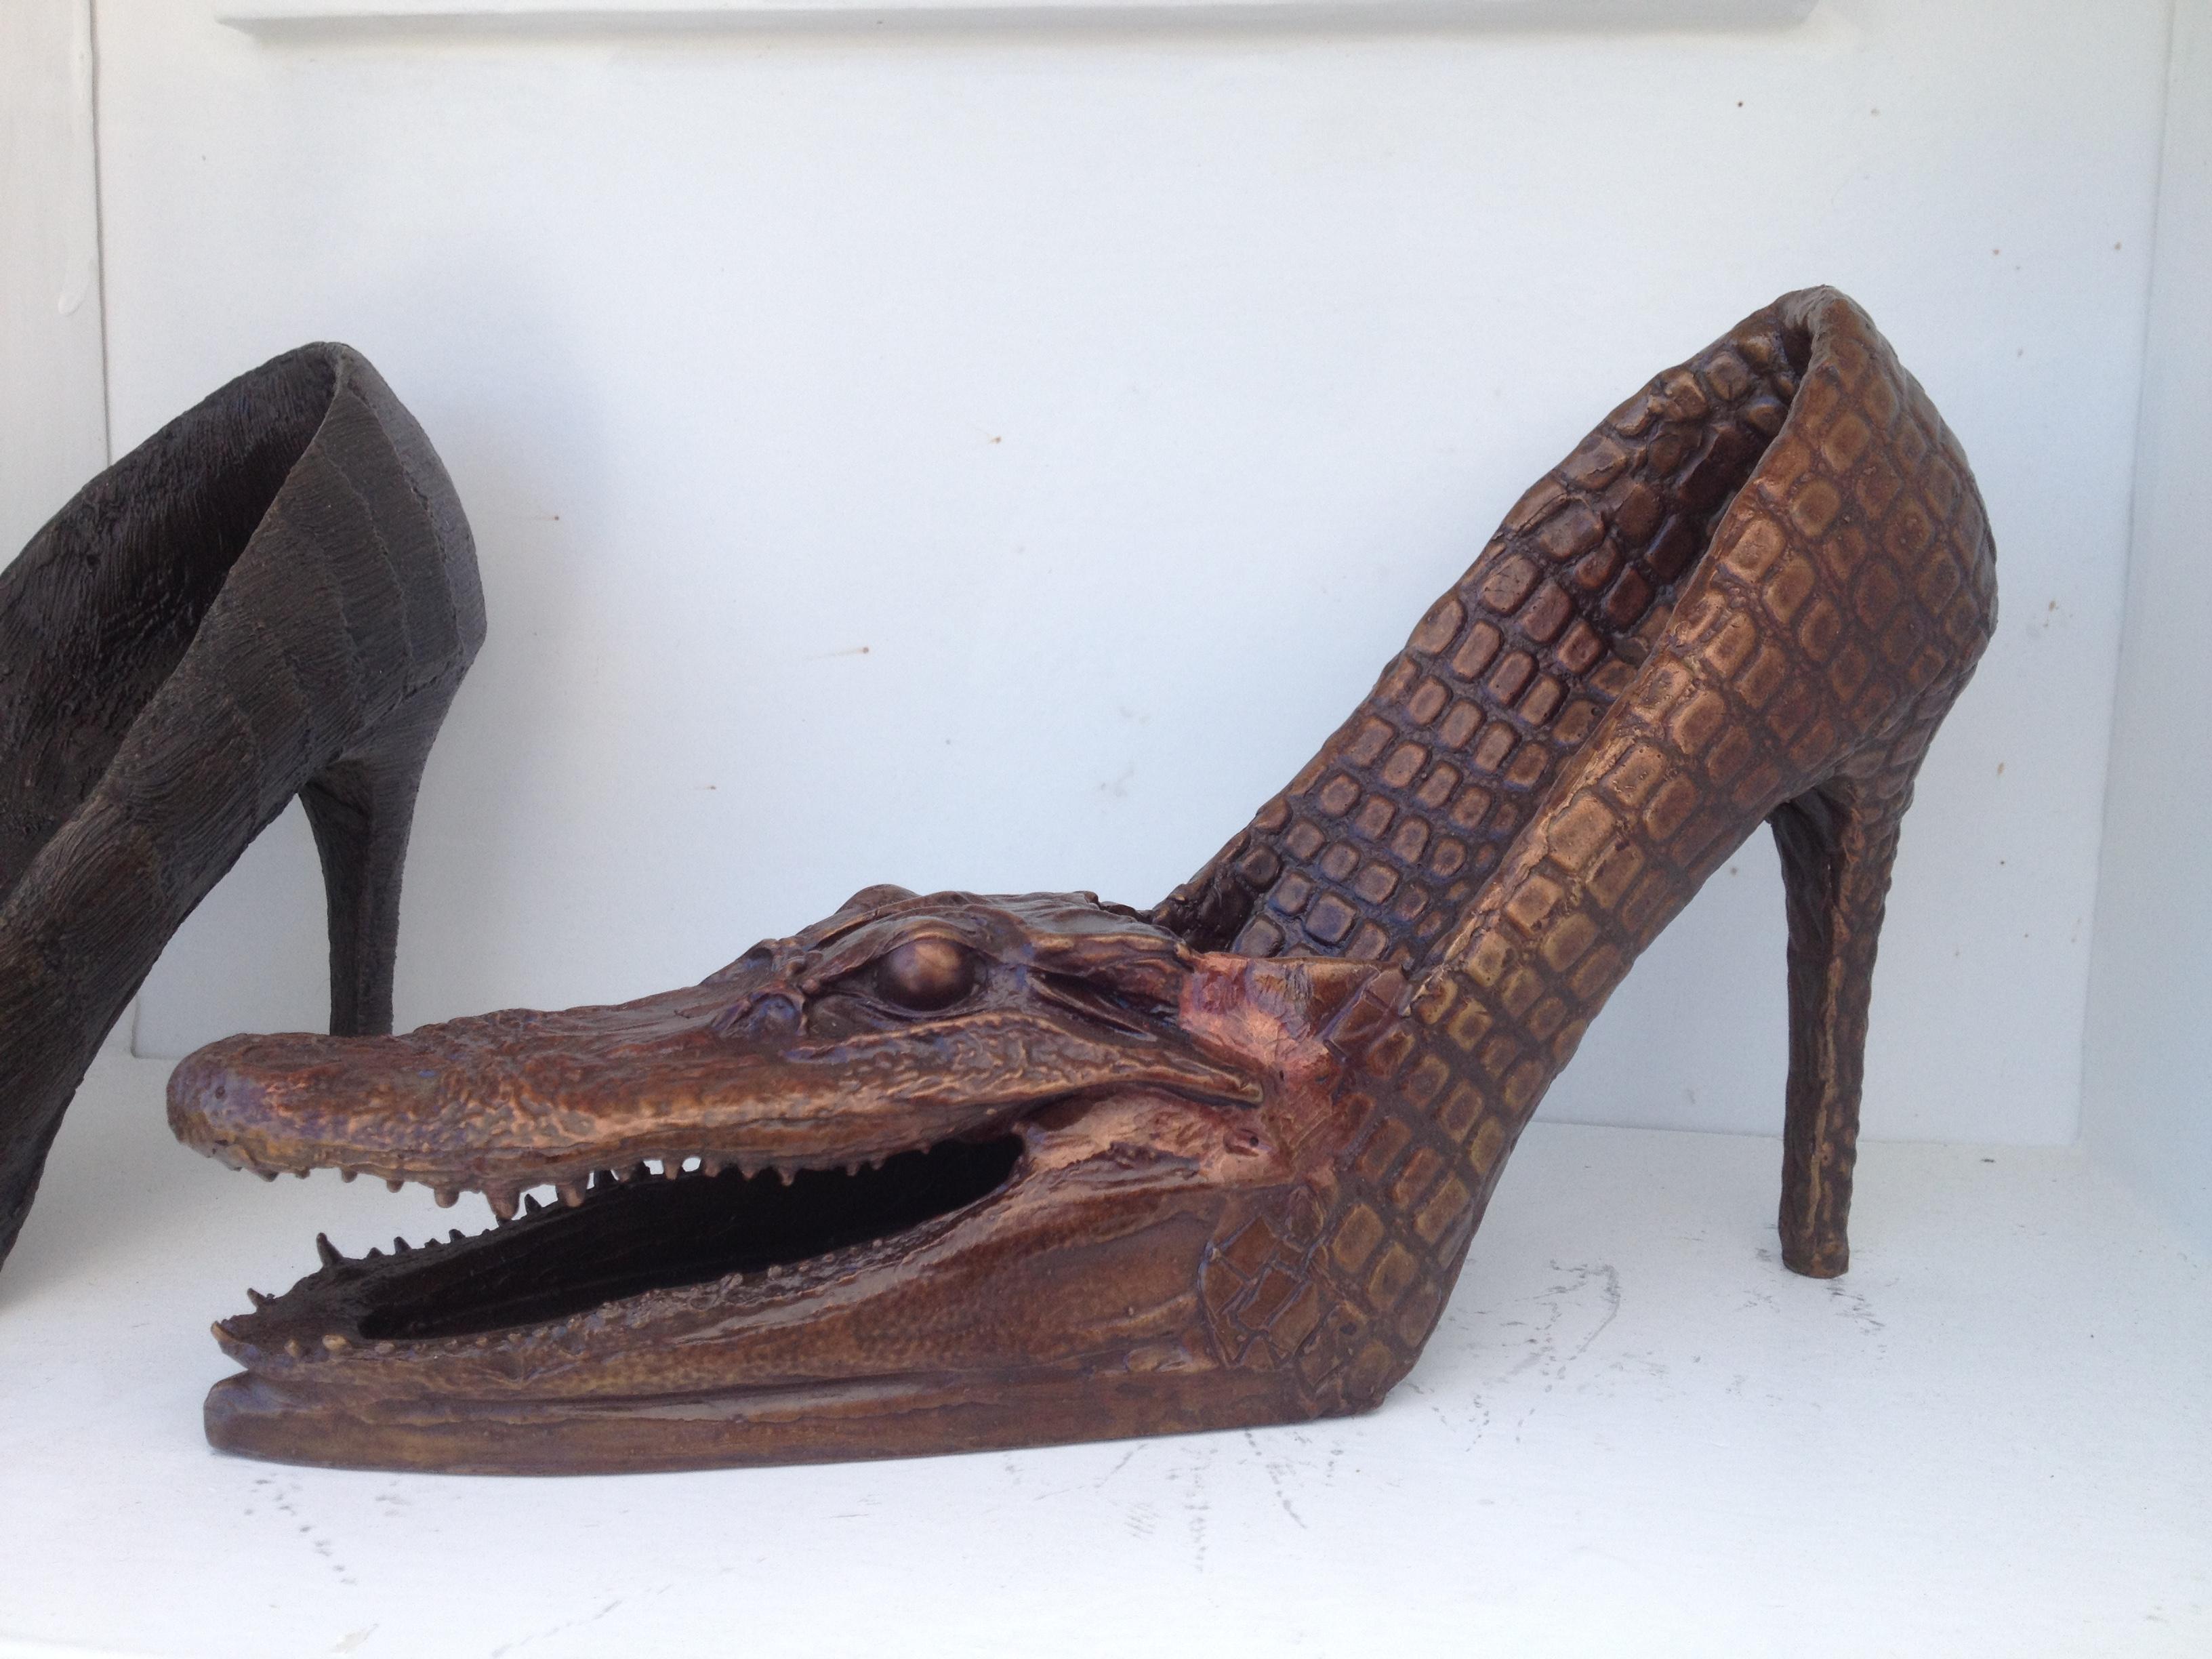 Killer Shoe